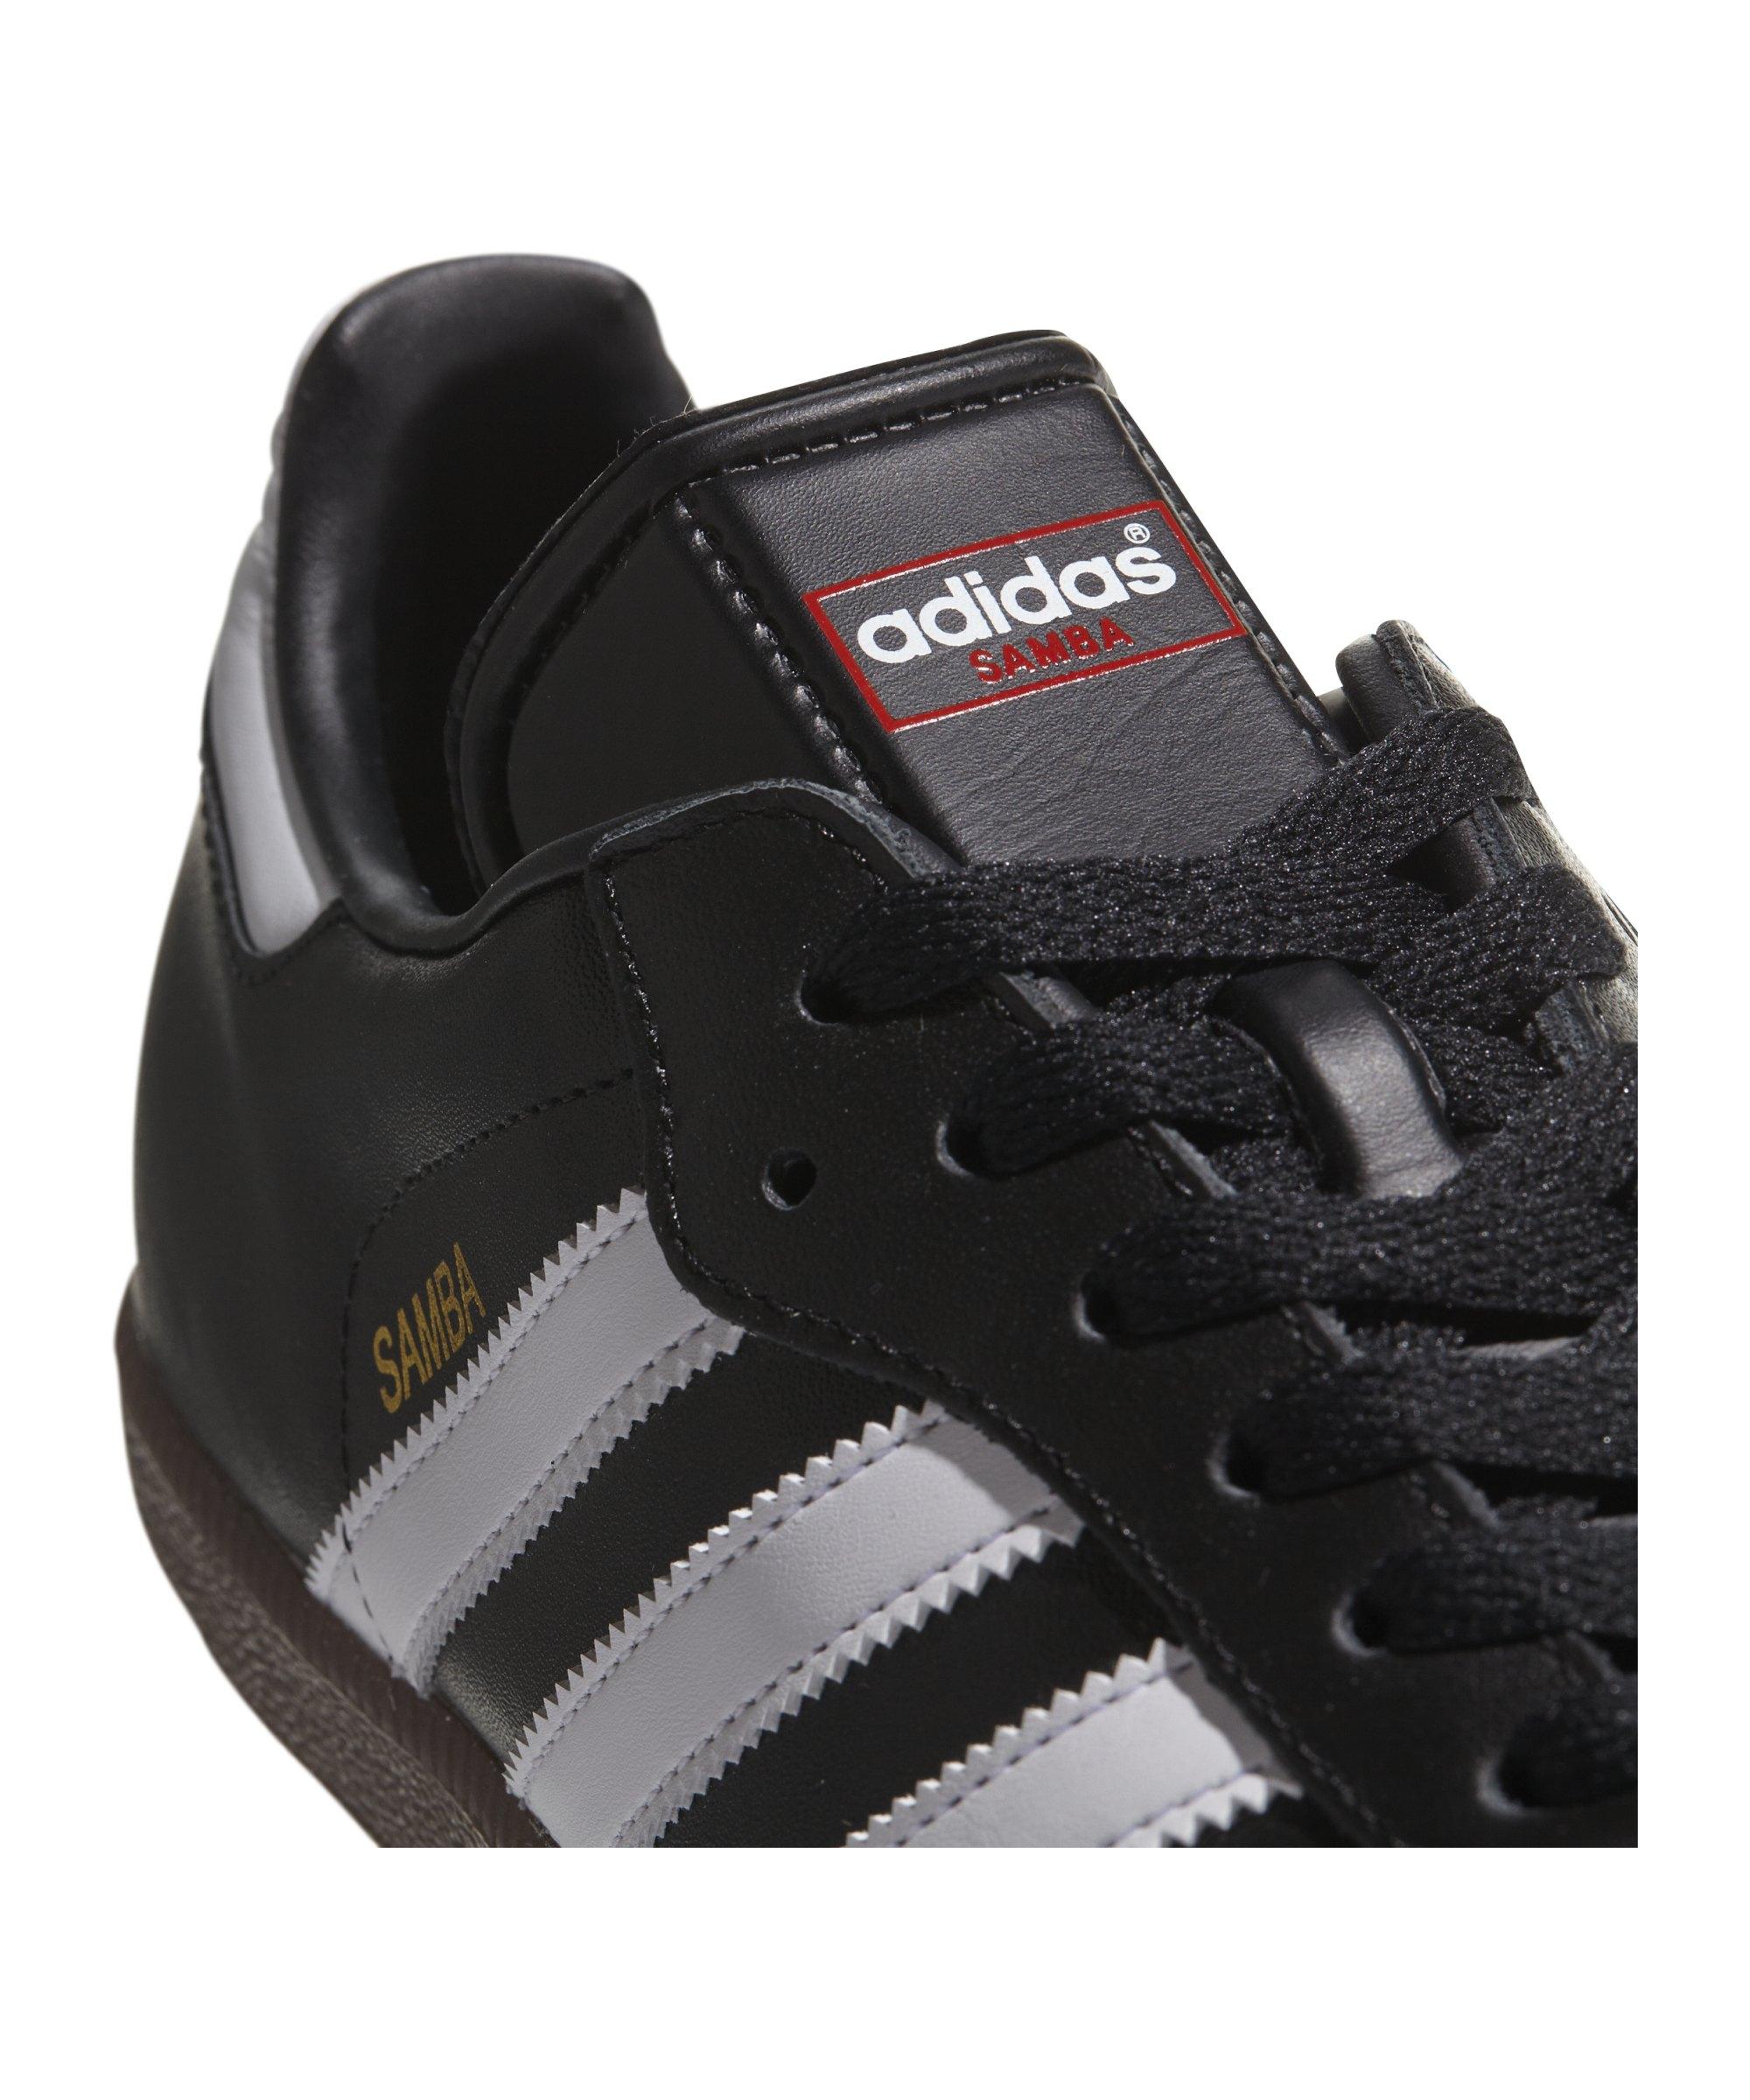 Adidas samba hallenschuh leder schwarz weiss for Kuchenstuhle leder schwarz